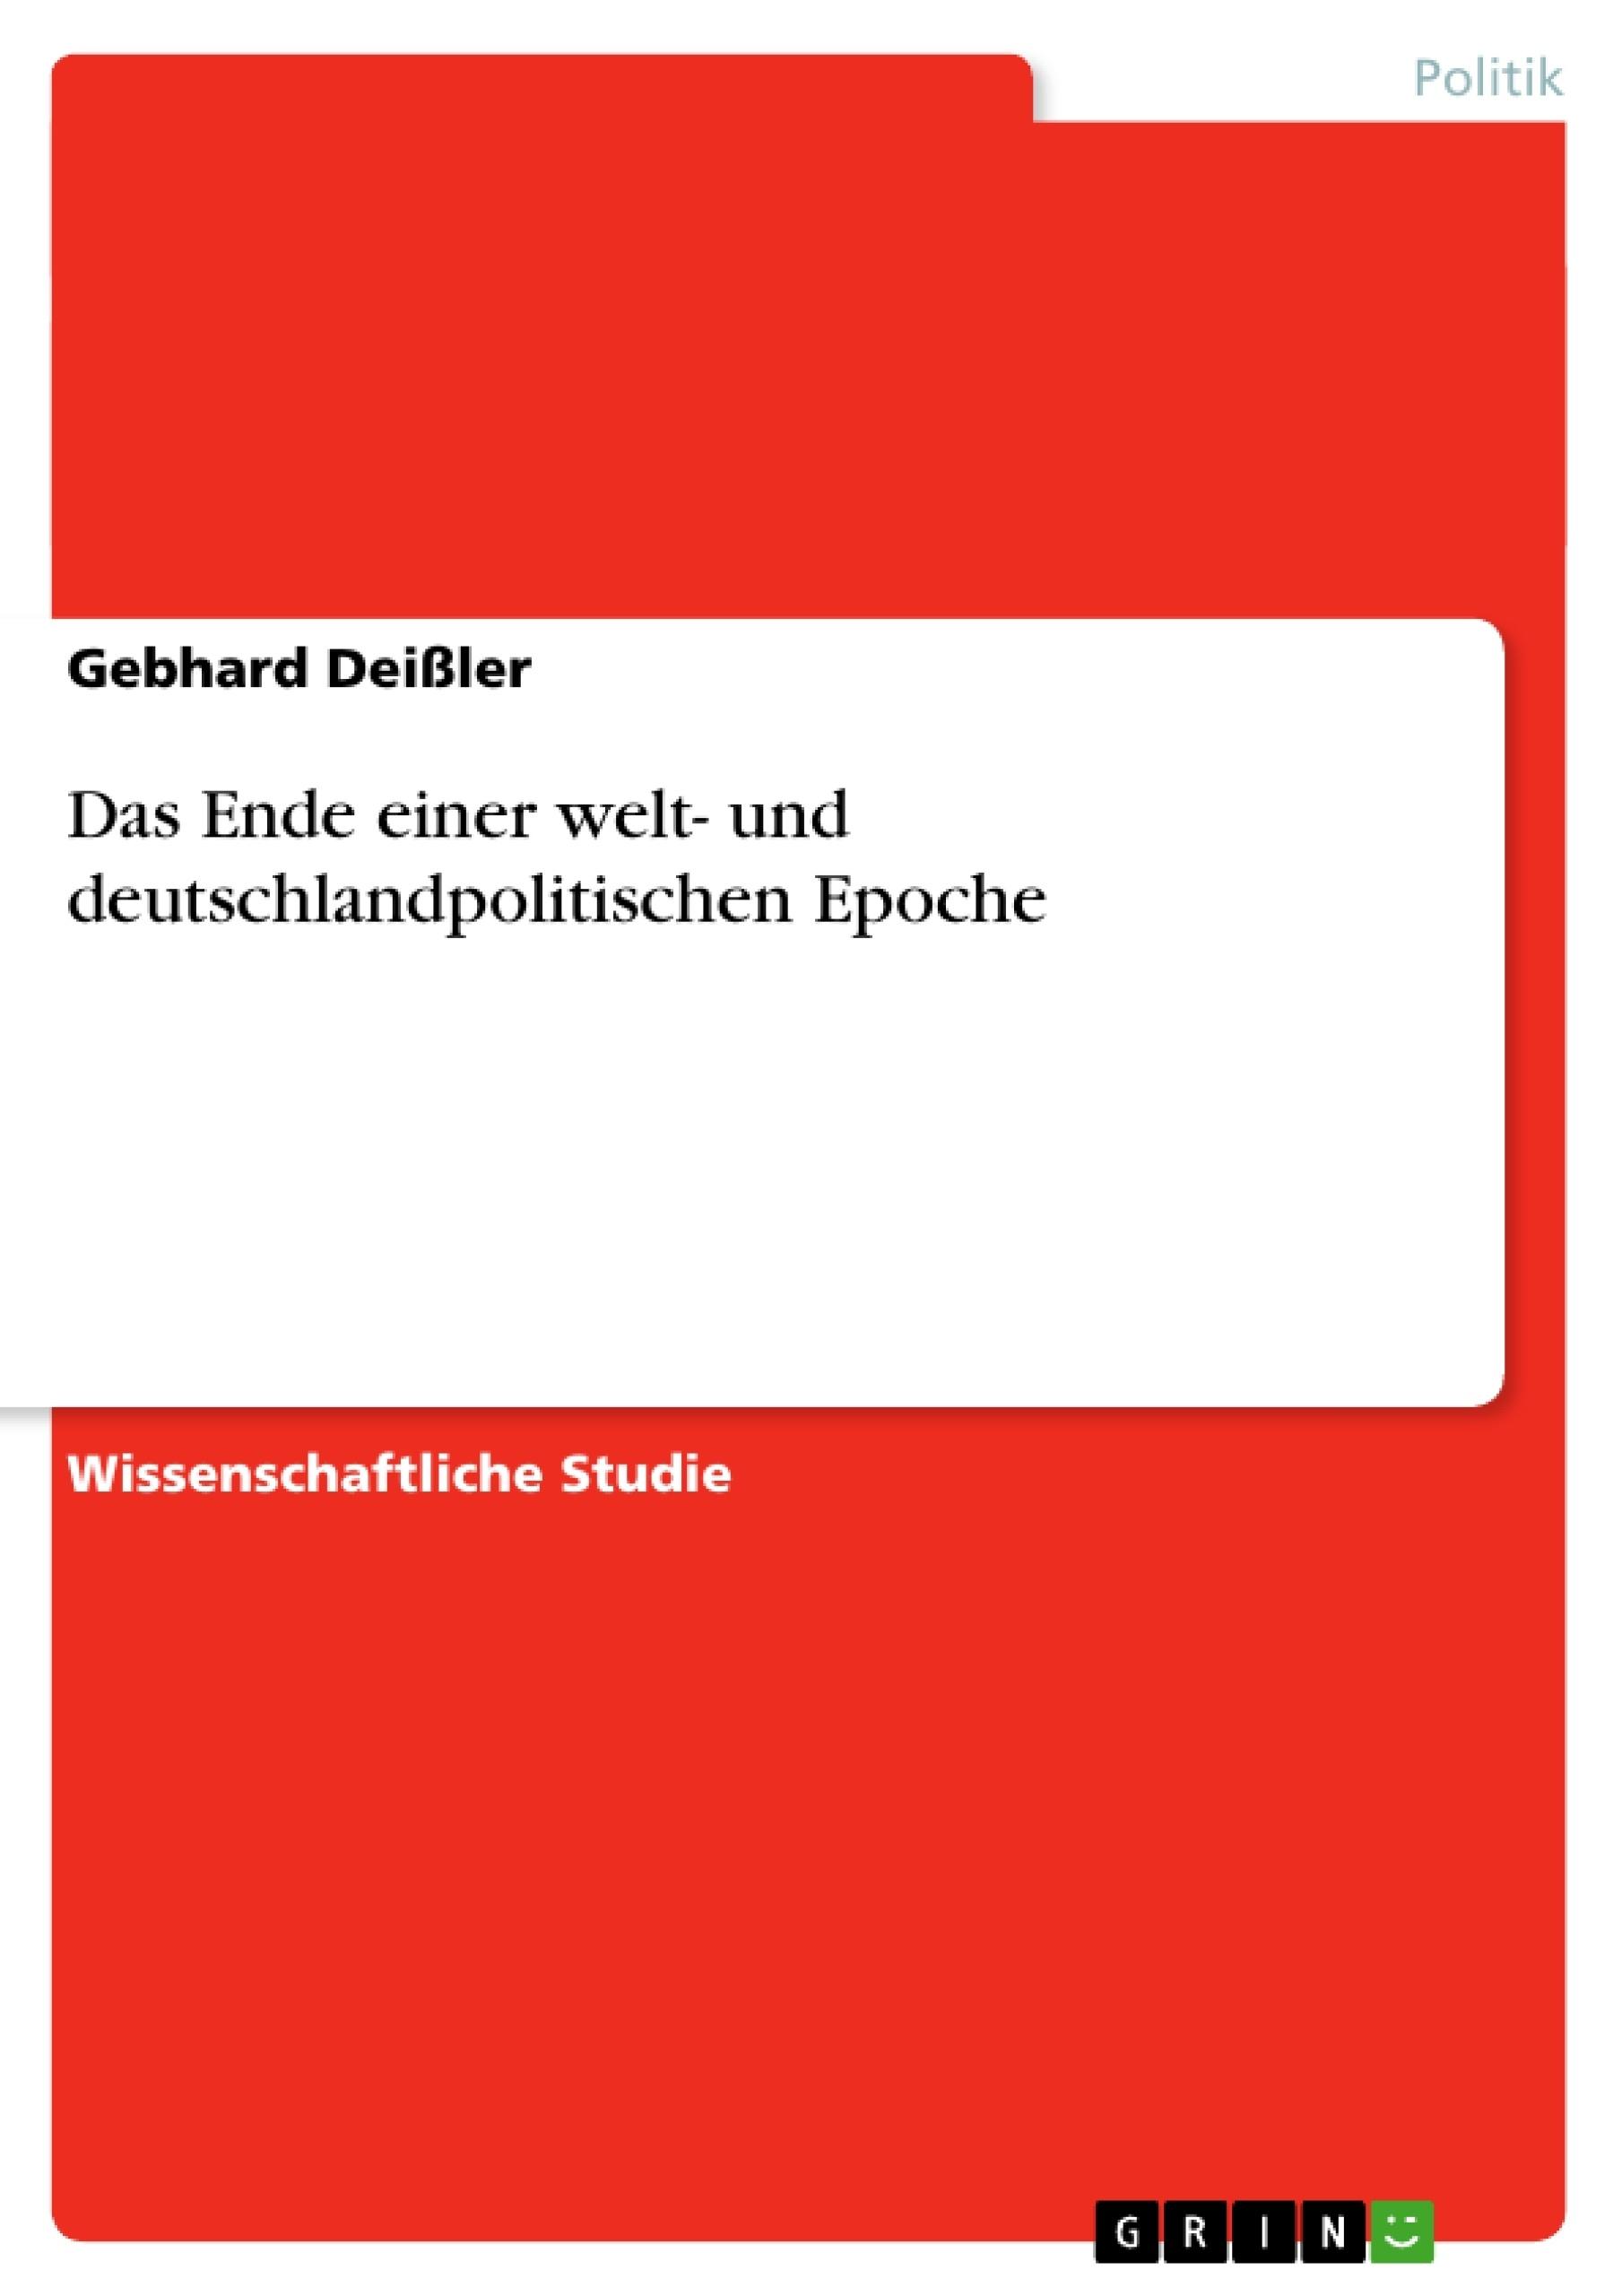 Titel: Das Ende einer welt- und deutschlandpolitischen Epoche